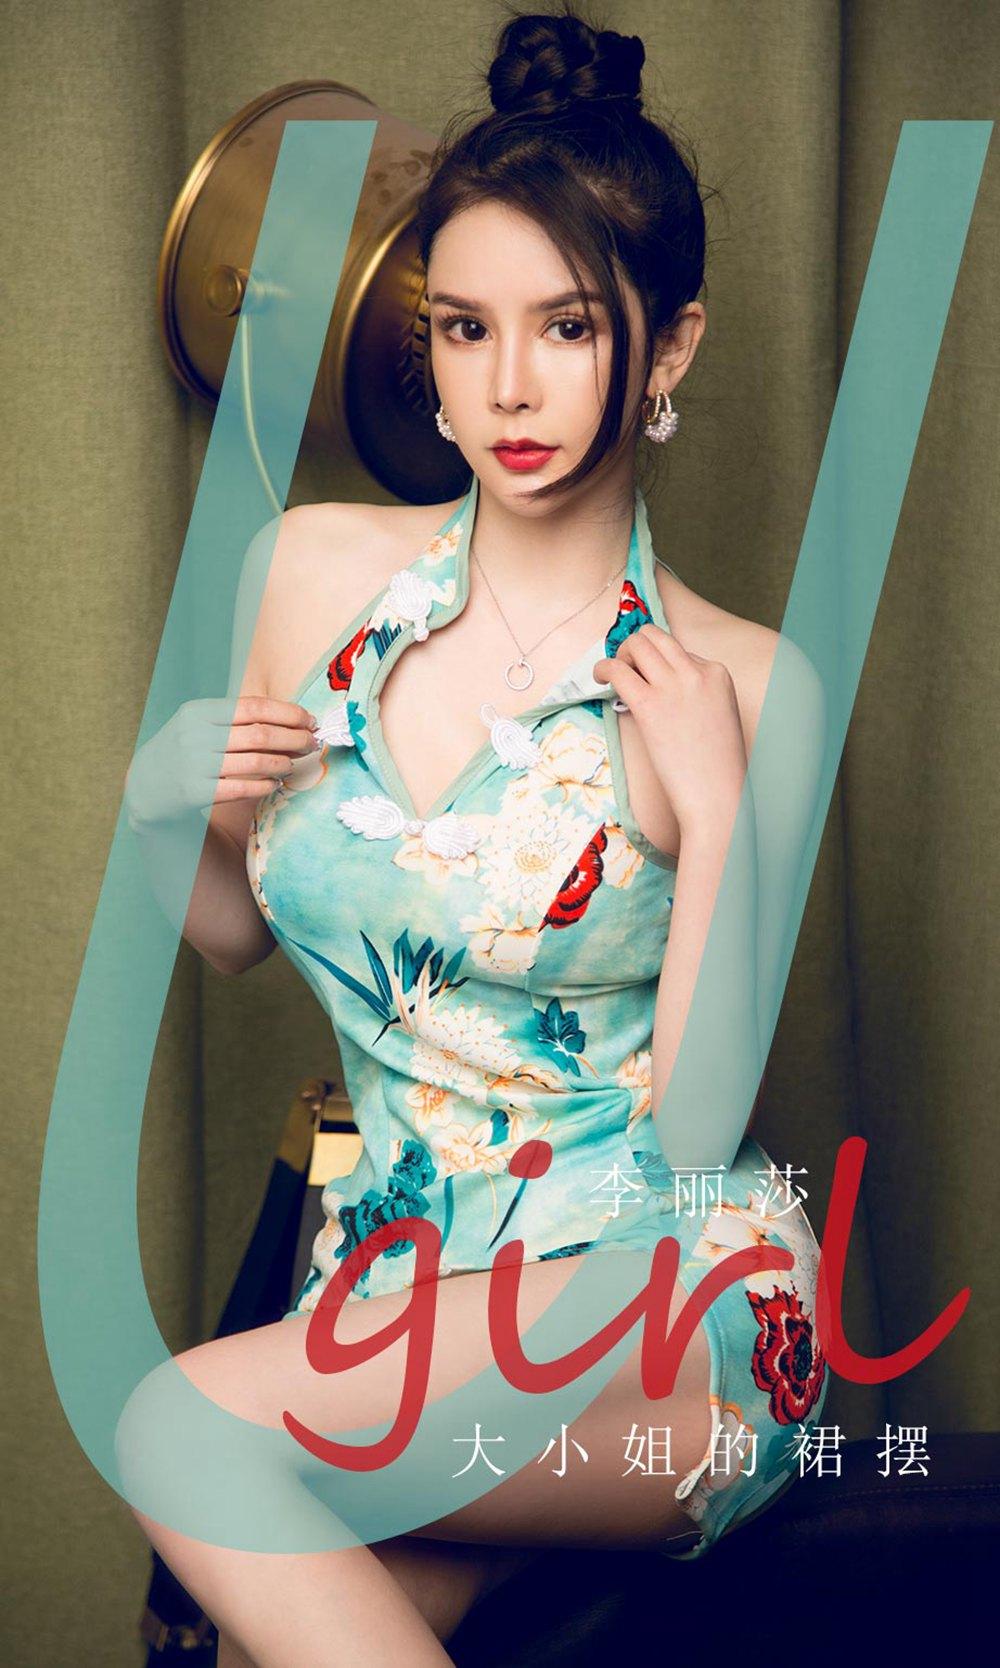 [Ugirls尤果网]爱尤物专辑 2020.05.11 No.1818 李丽莎 大小姐的裙摆 [35P] -第1张